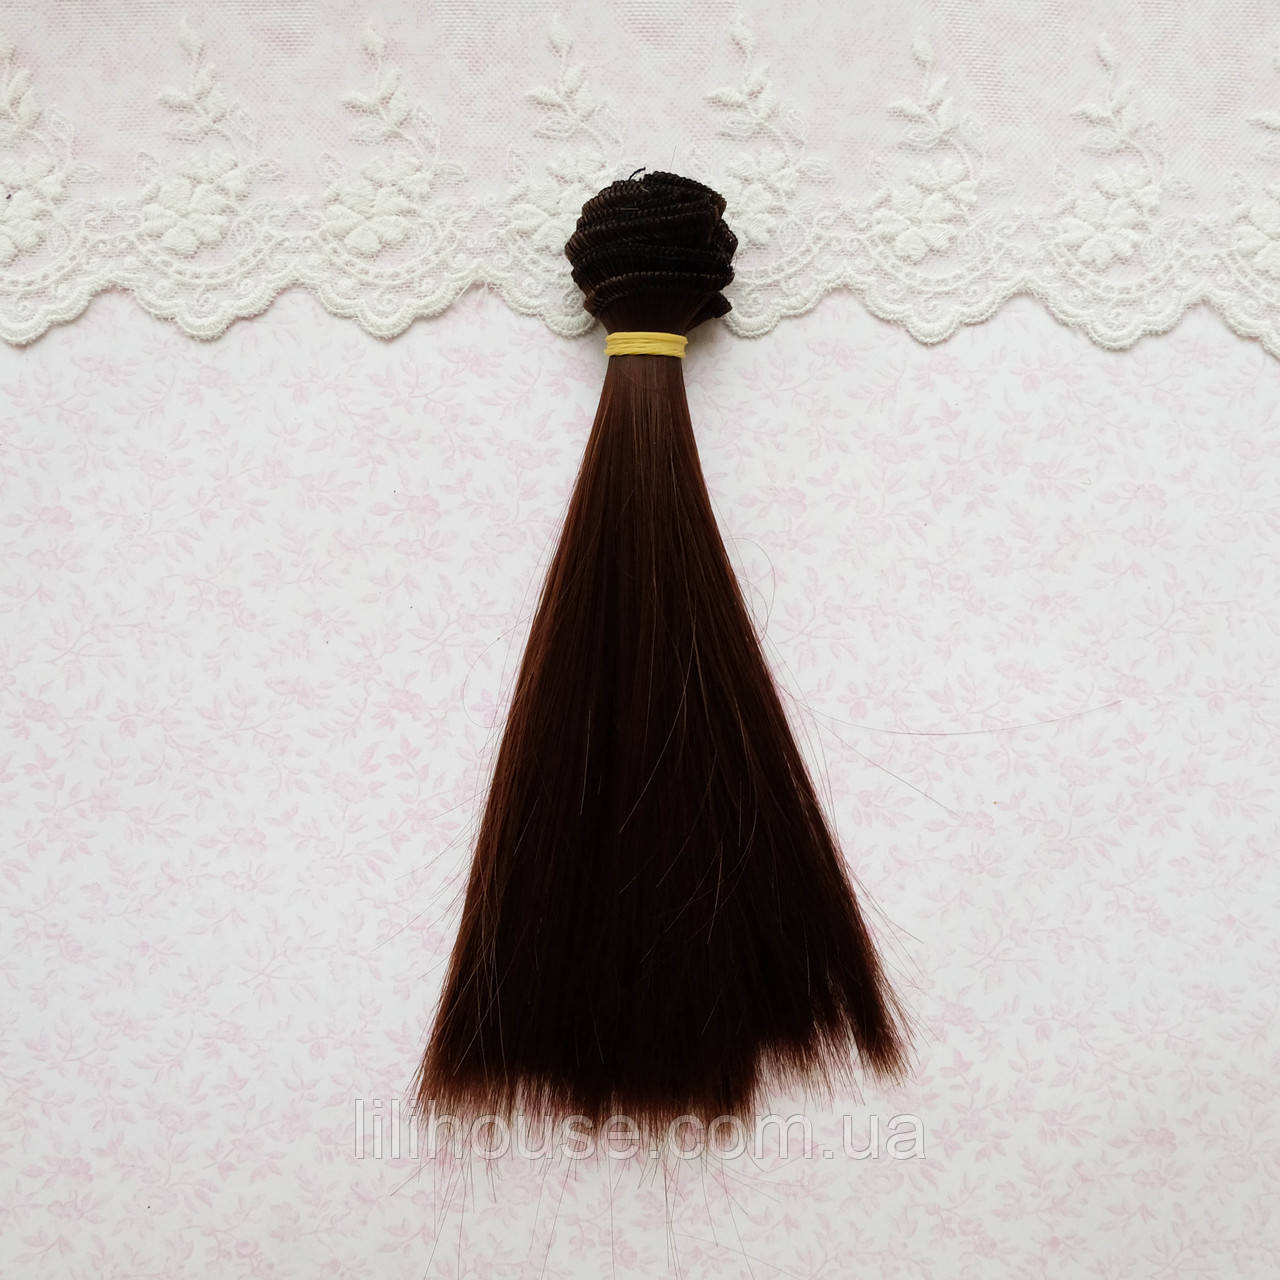 Волосы для кукол в трессах, пряный каштан шелк - 15 см